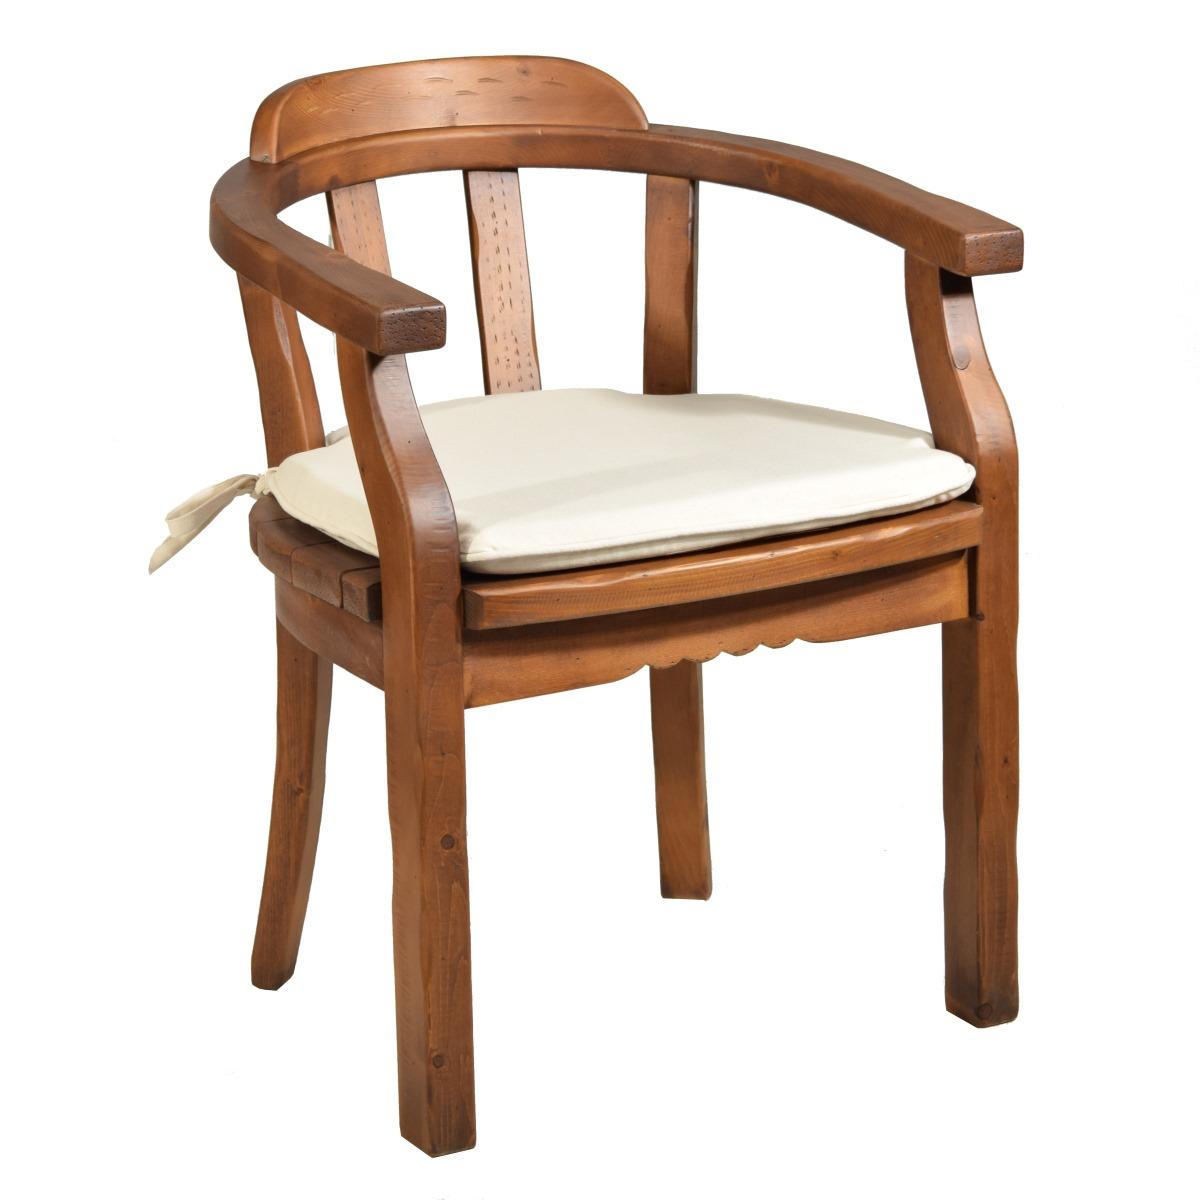 Sill N R Stico Forma Ecor Stico Venta De Muebles De Madera # Muebles Bosques Sostenibles